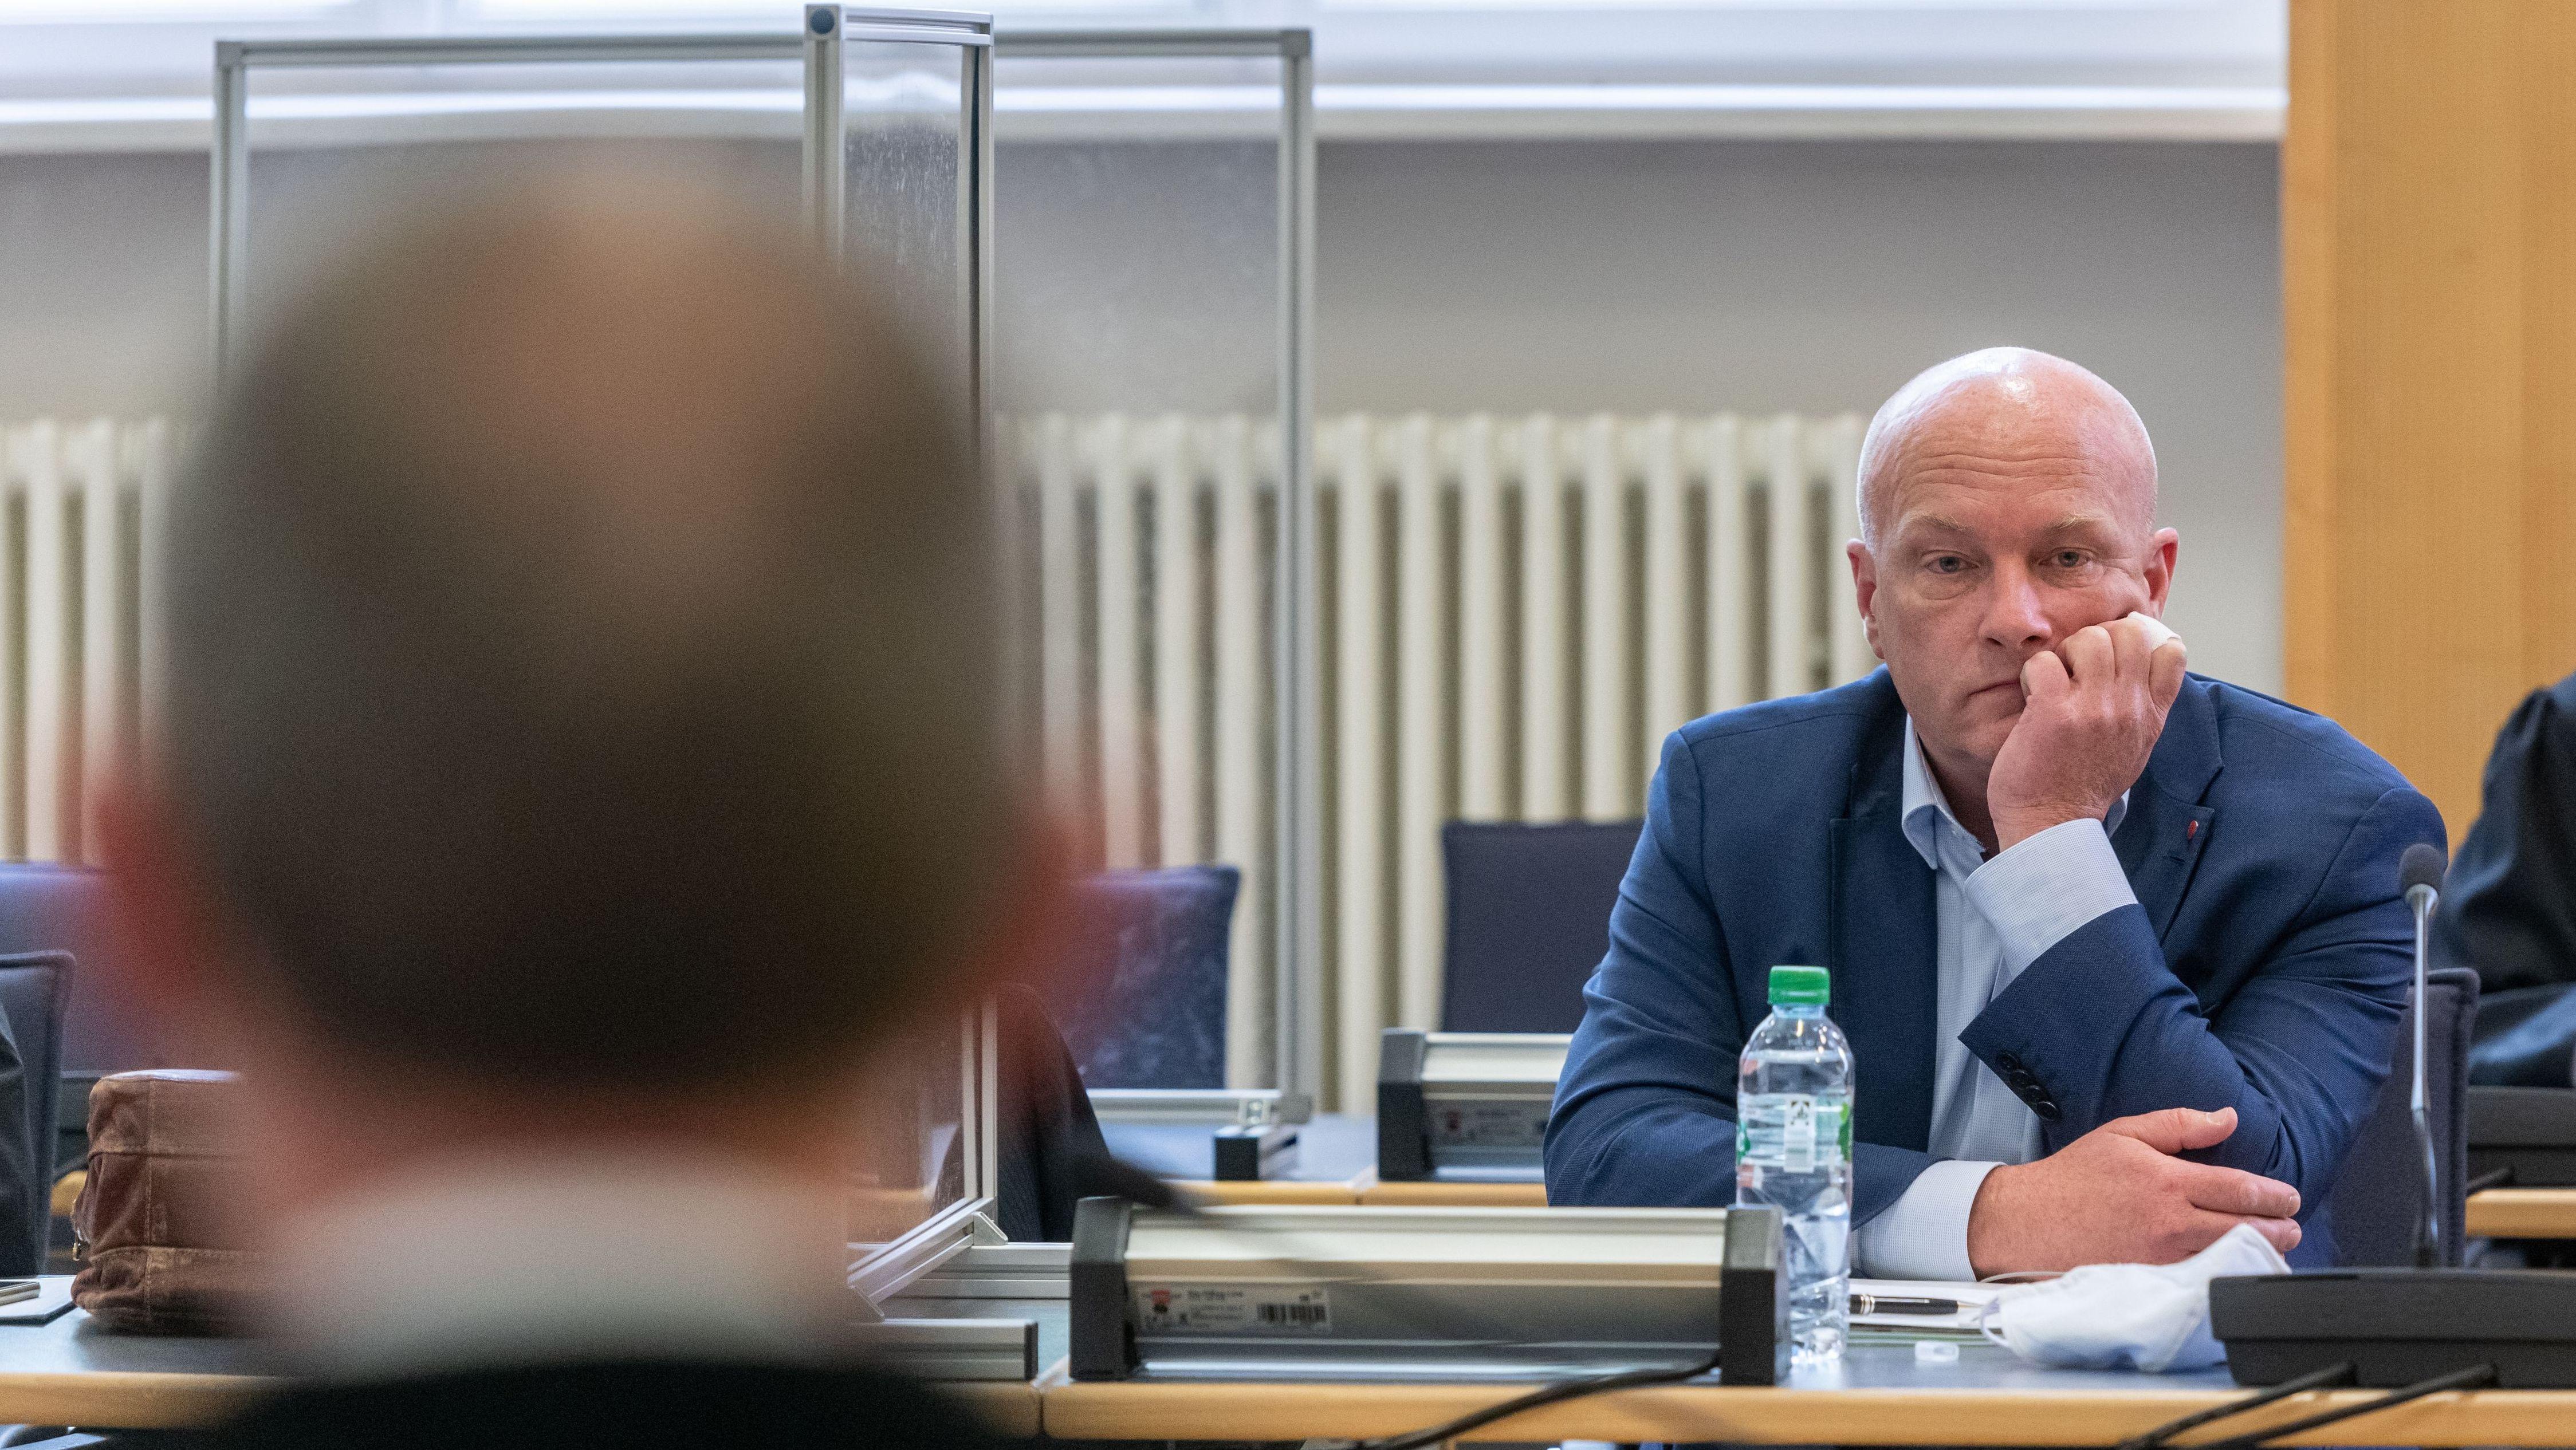 Joachim Wolbergs, Regensburger Ex-Oberbürgermeister, sitzt im Verhandlungssaal des Landgerichts hinter Trennwänden aus Plexiglas.